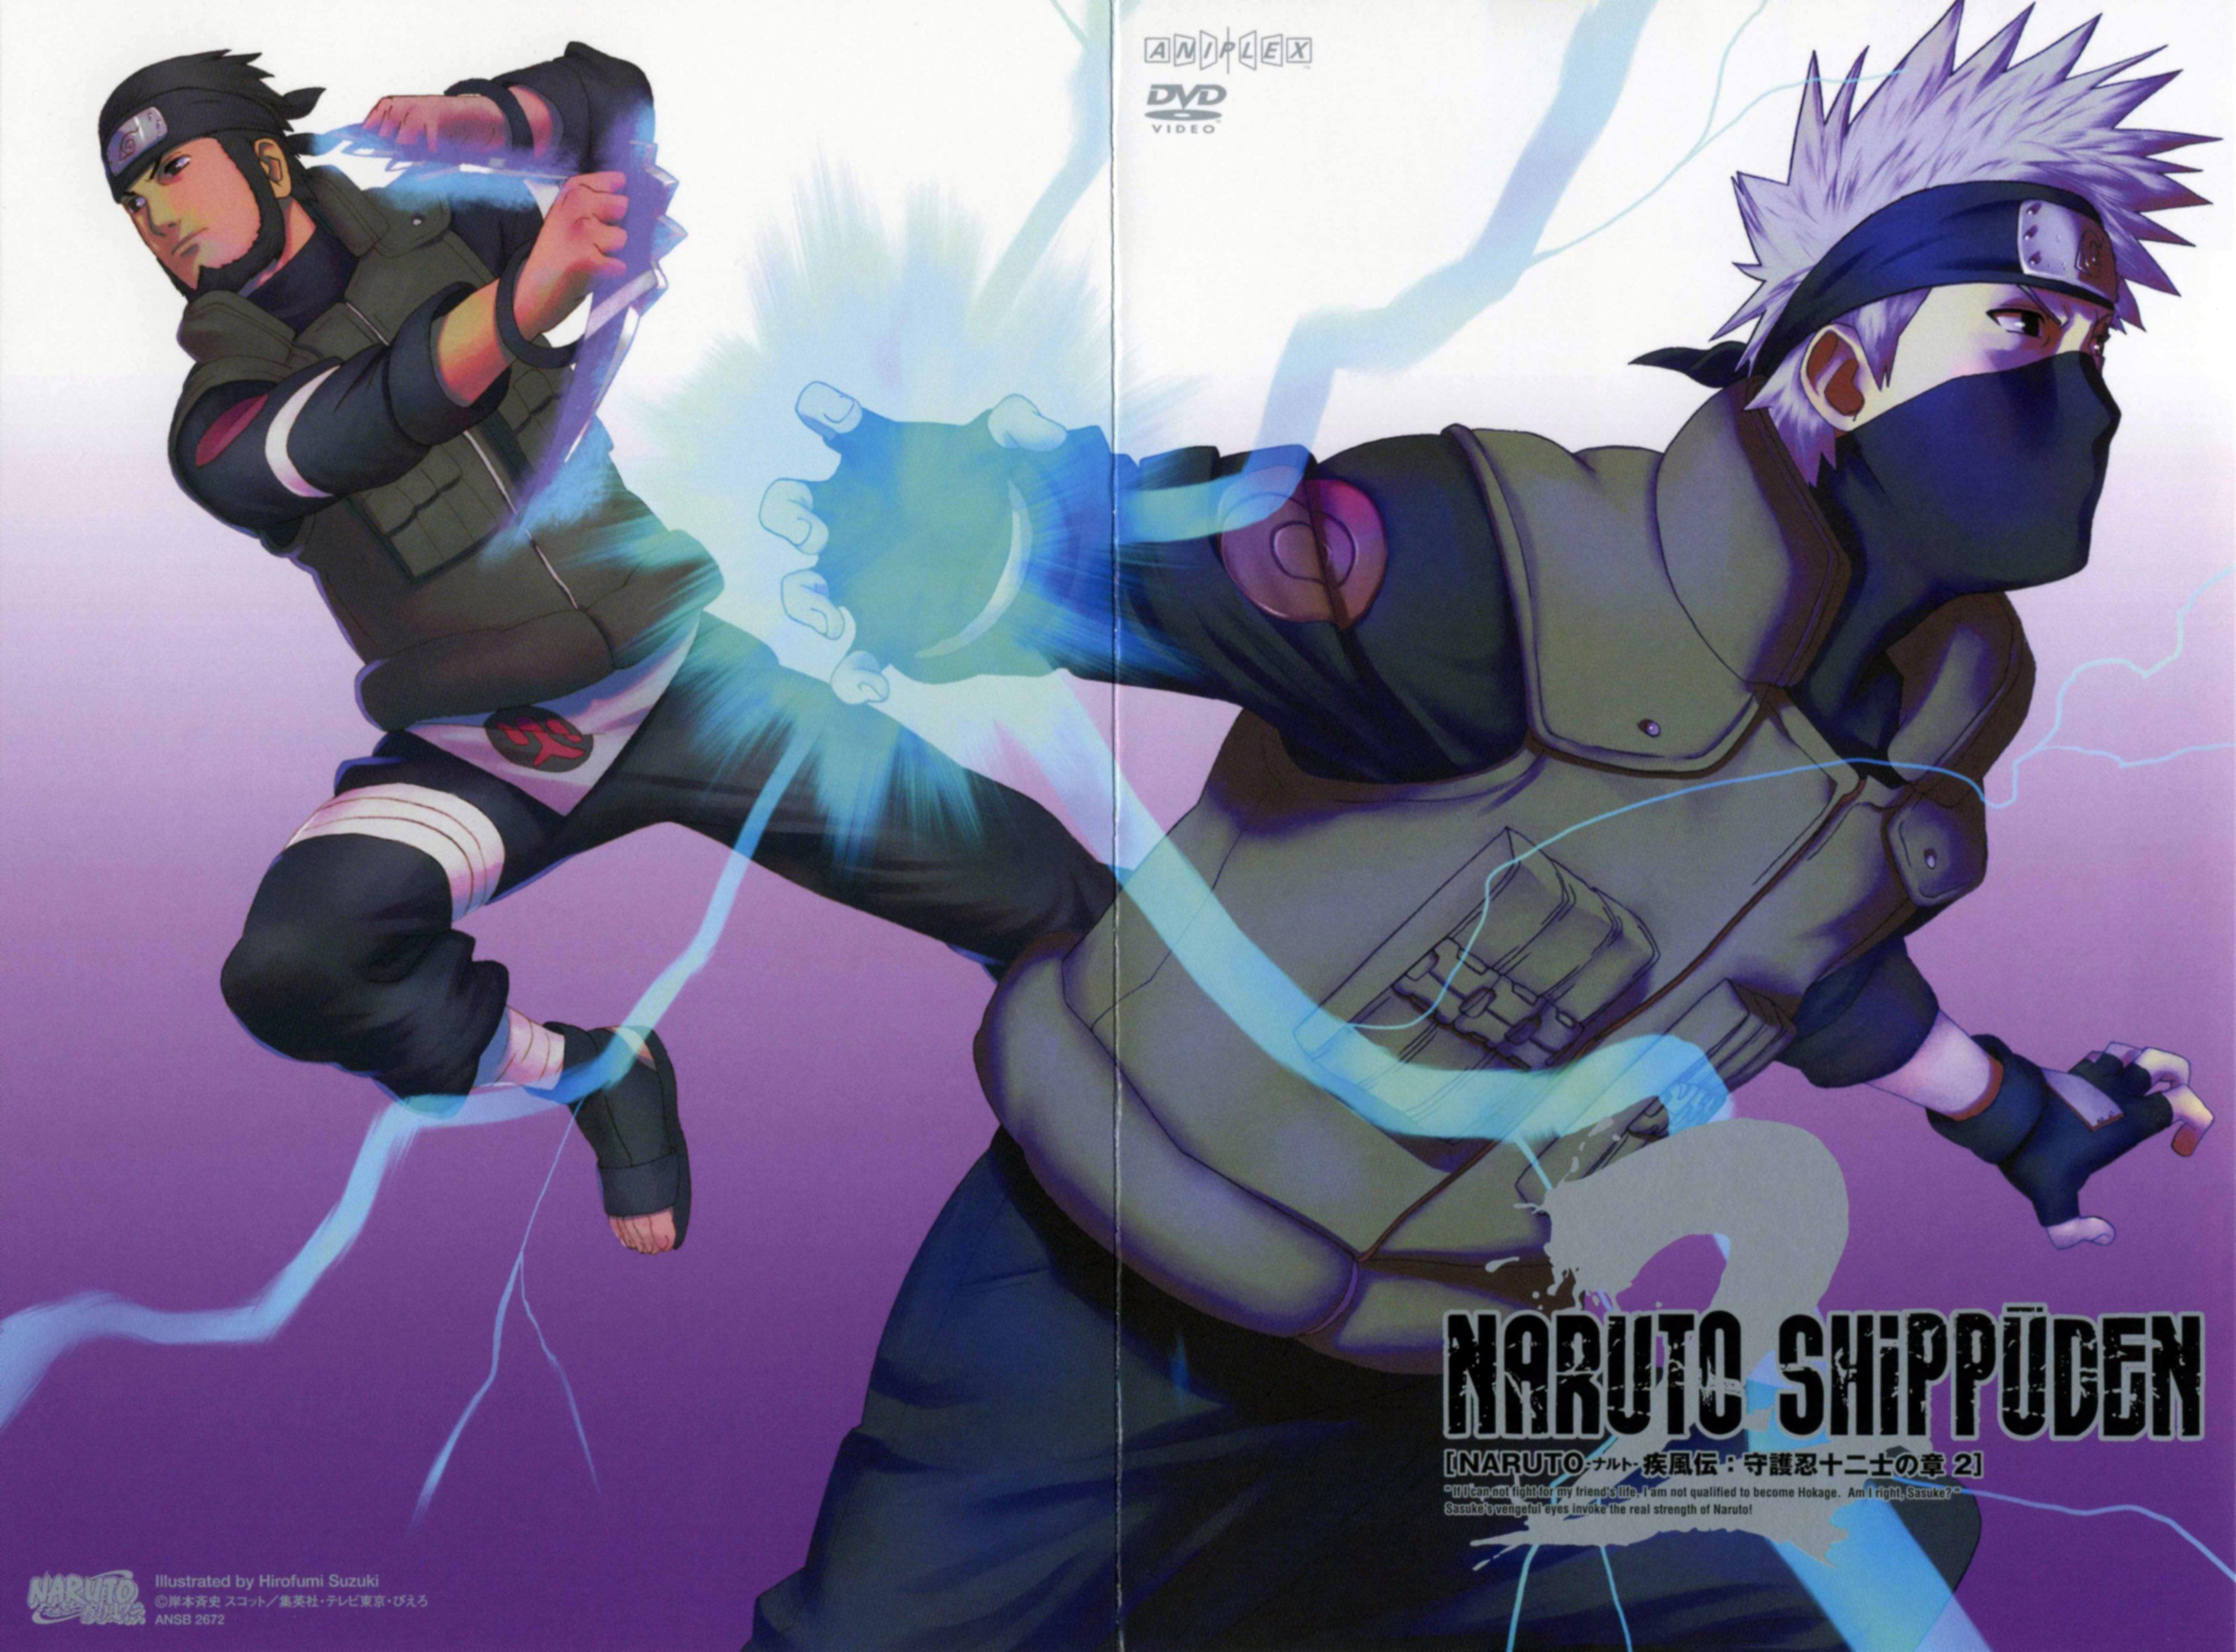 Naruto: Naruto Shippuden Season 3 covers 02